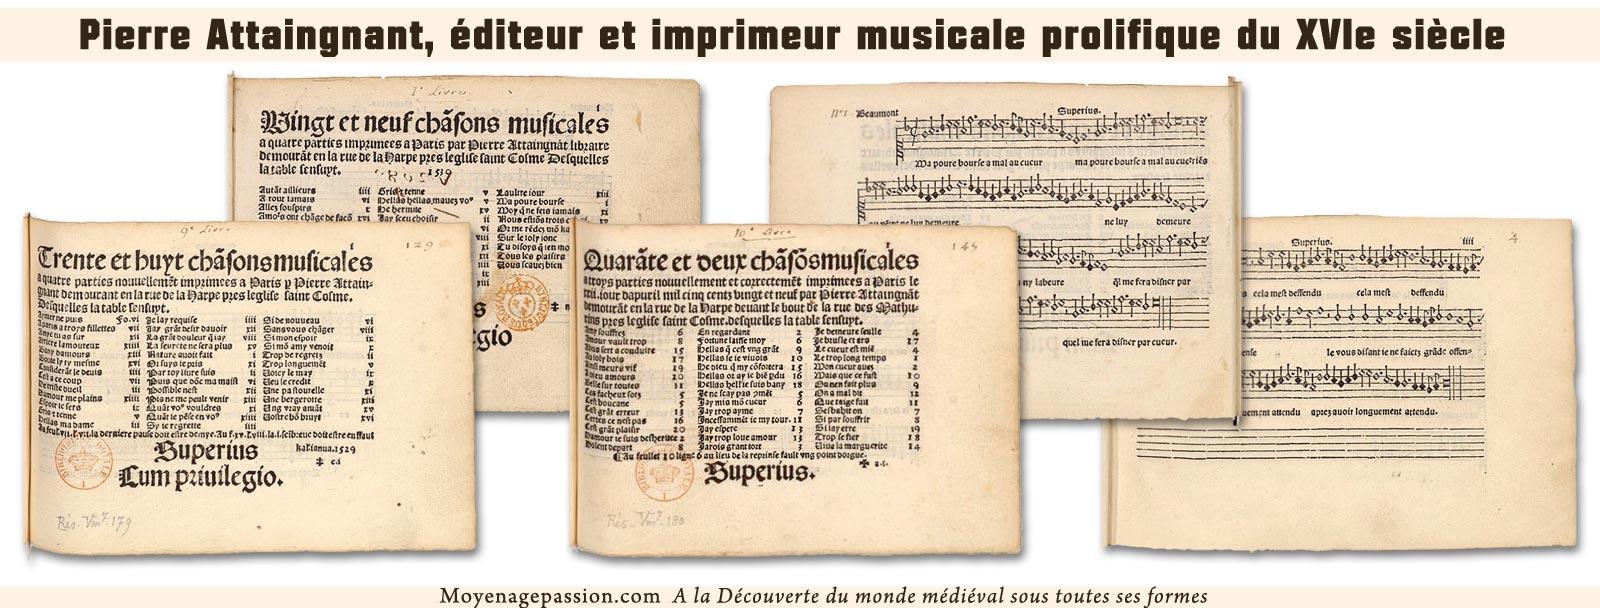 pierre_attaingnant_publication_edition_musicale_imprimeur_chanson_musique_ancienne_renaissance_moyen-age_tardif